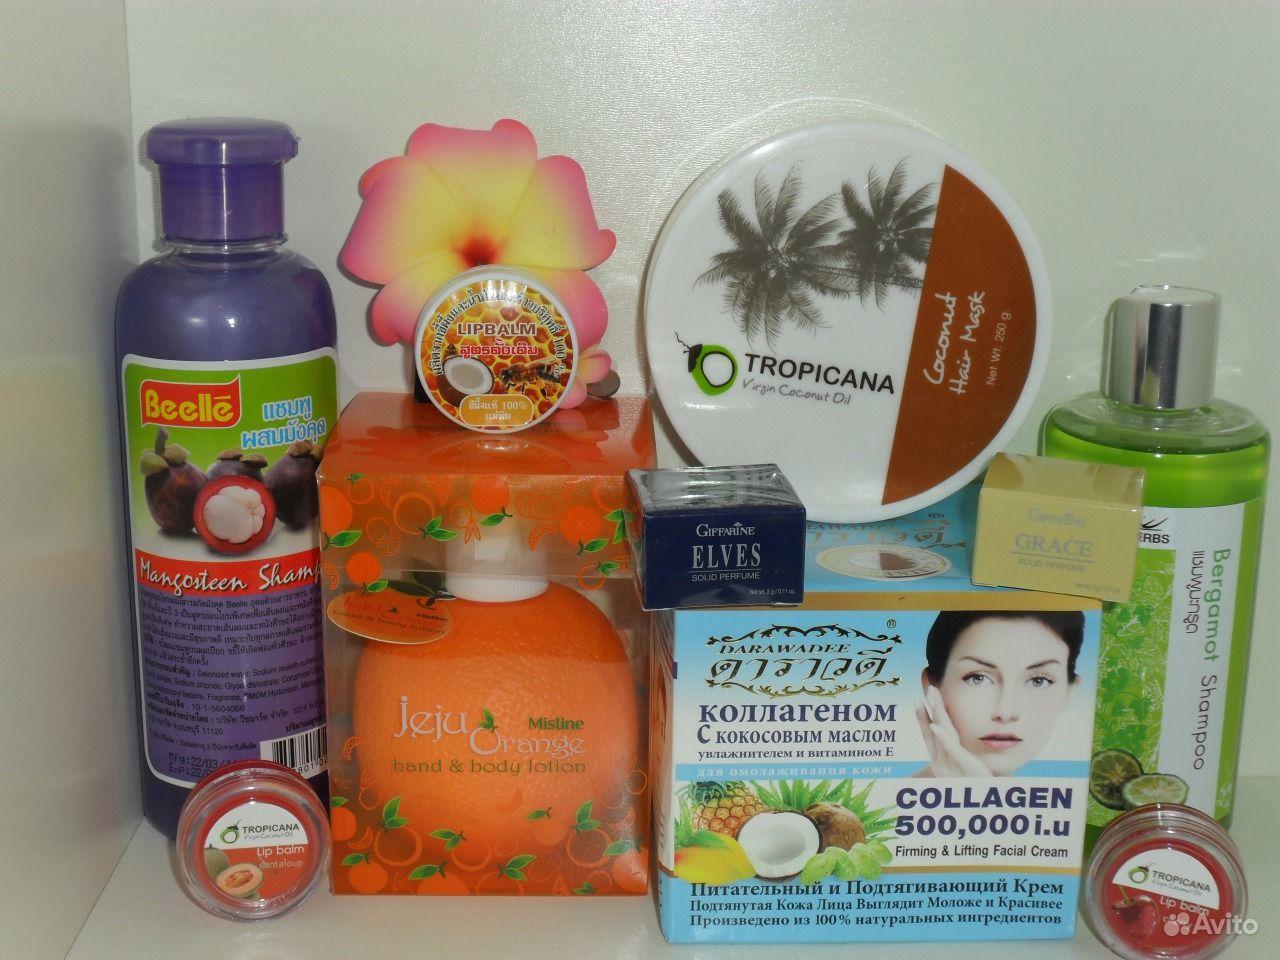 Что покупать из косметики в тайланде 10 фотография